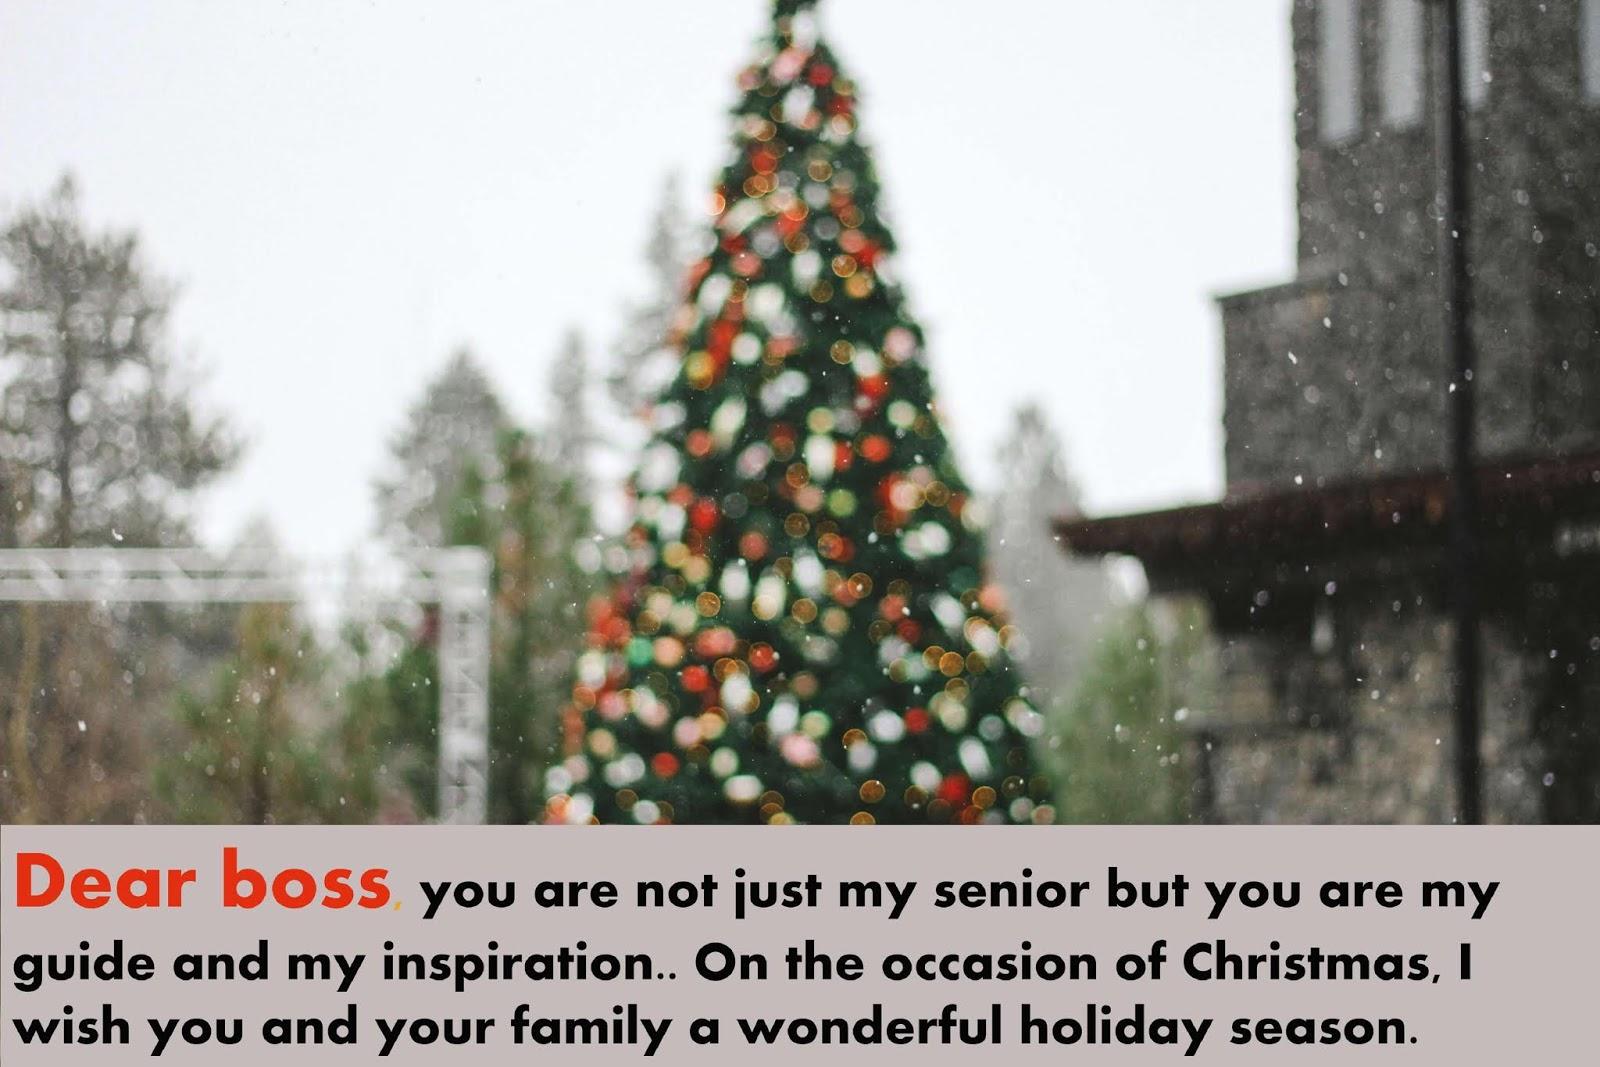 Best Christmas Greetings For Boss 2018